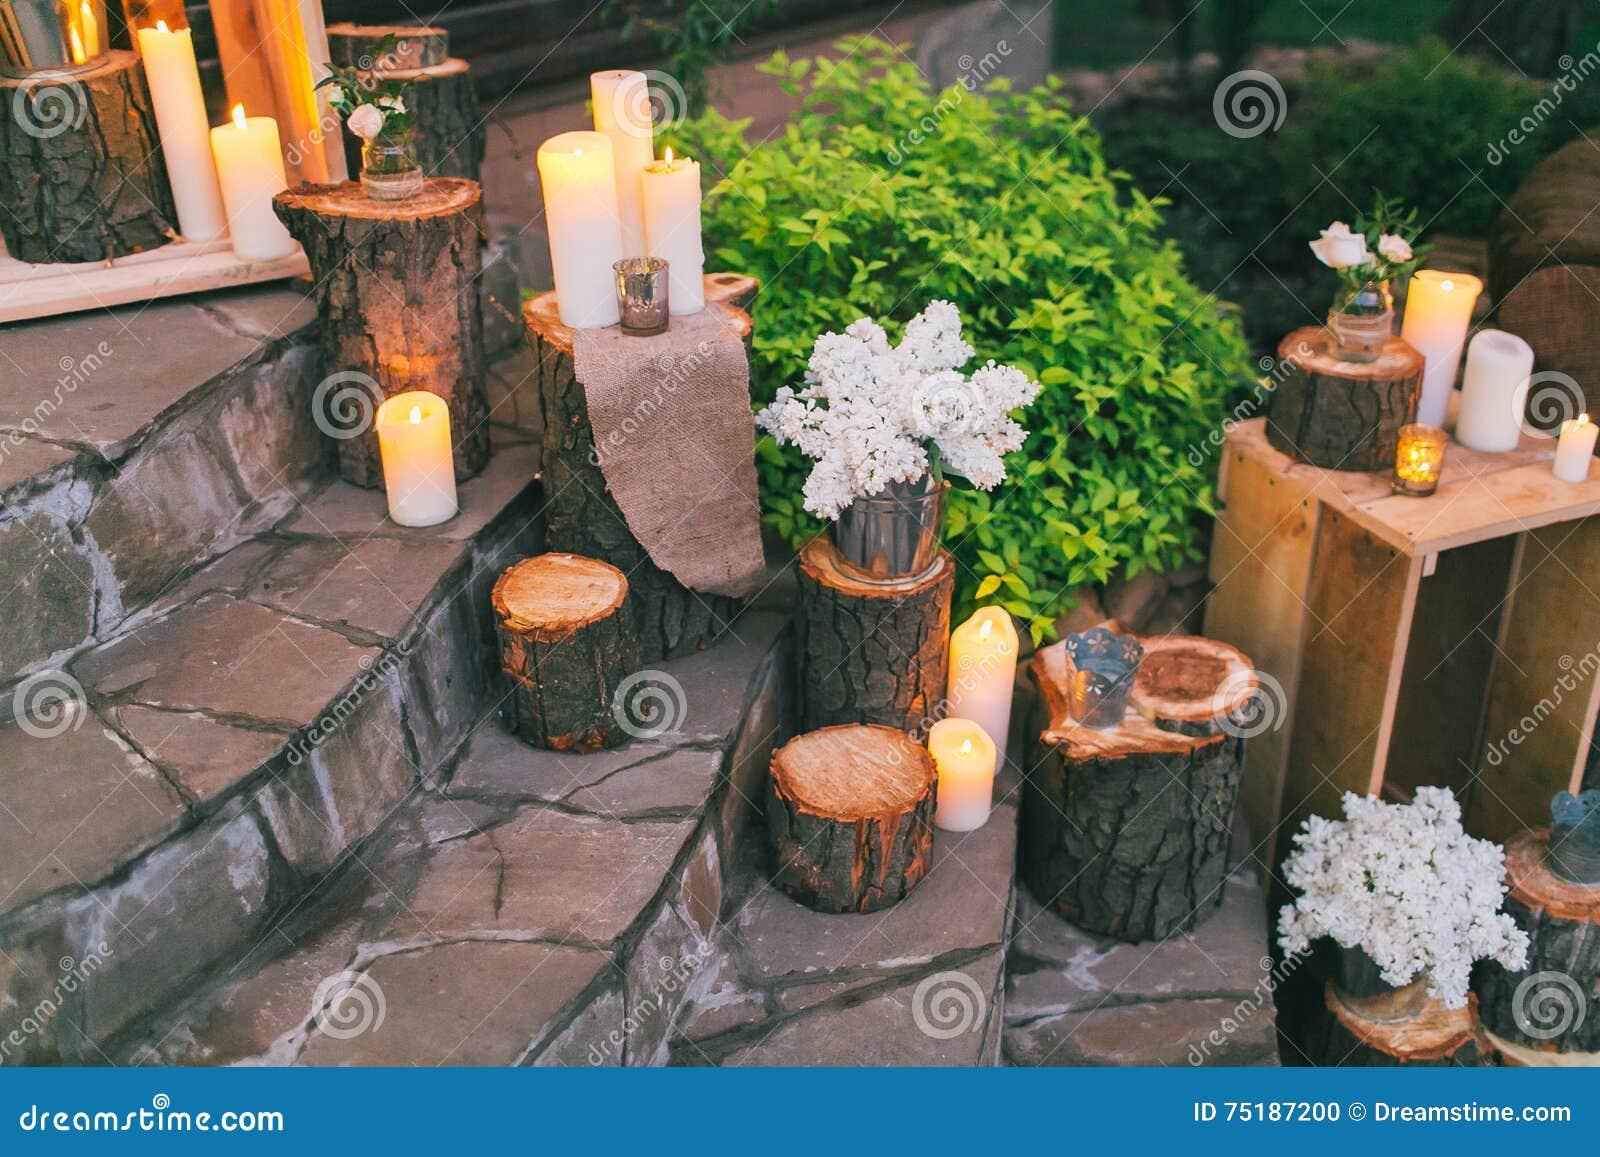 Деревенское оформление свадьбы, украшенные лестницы с грязевиками и arra сирени